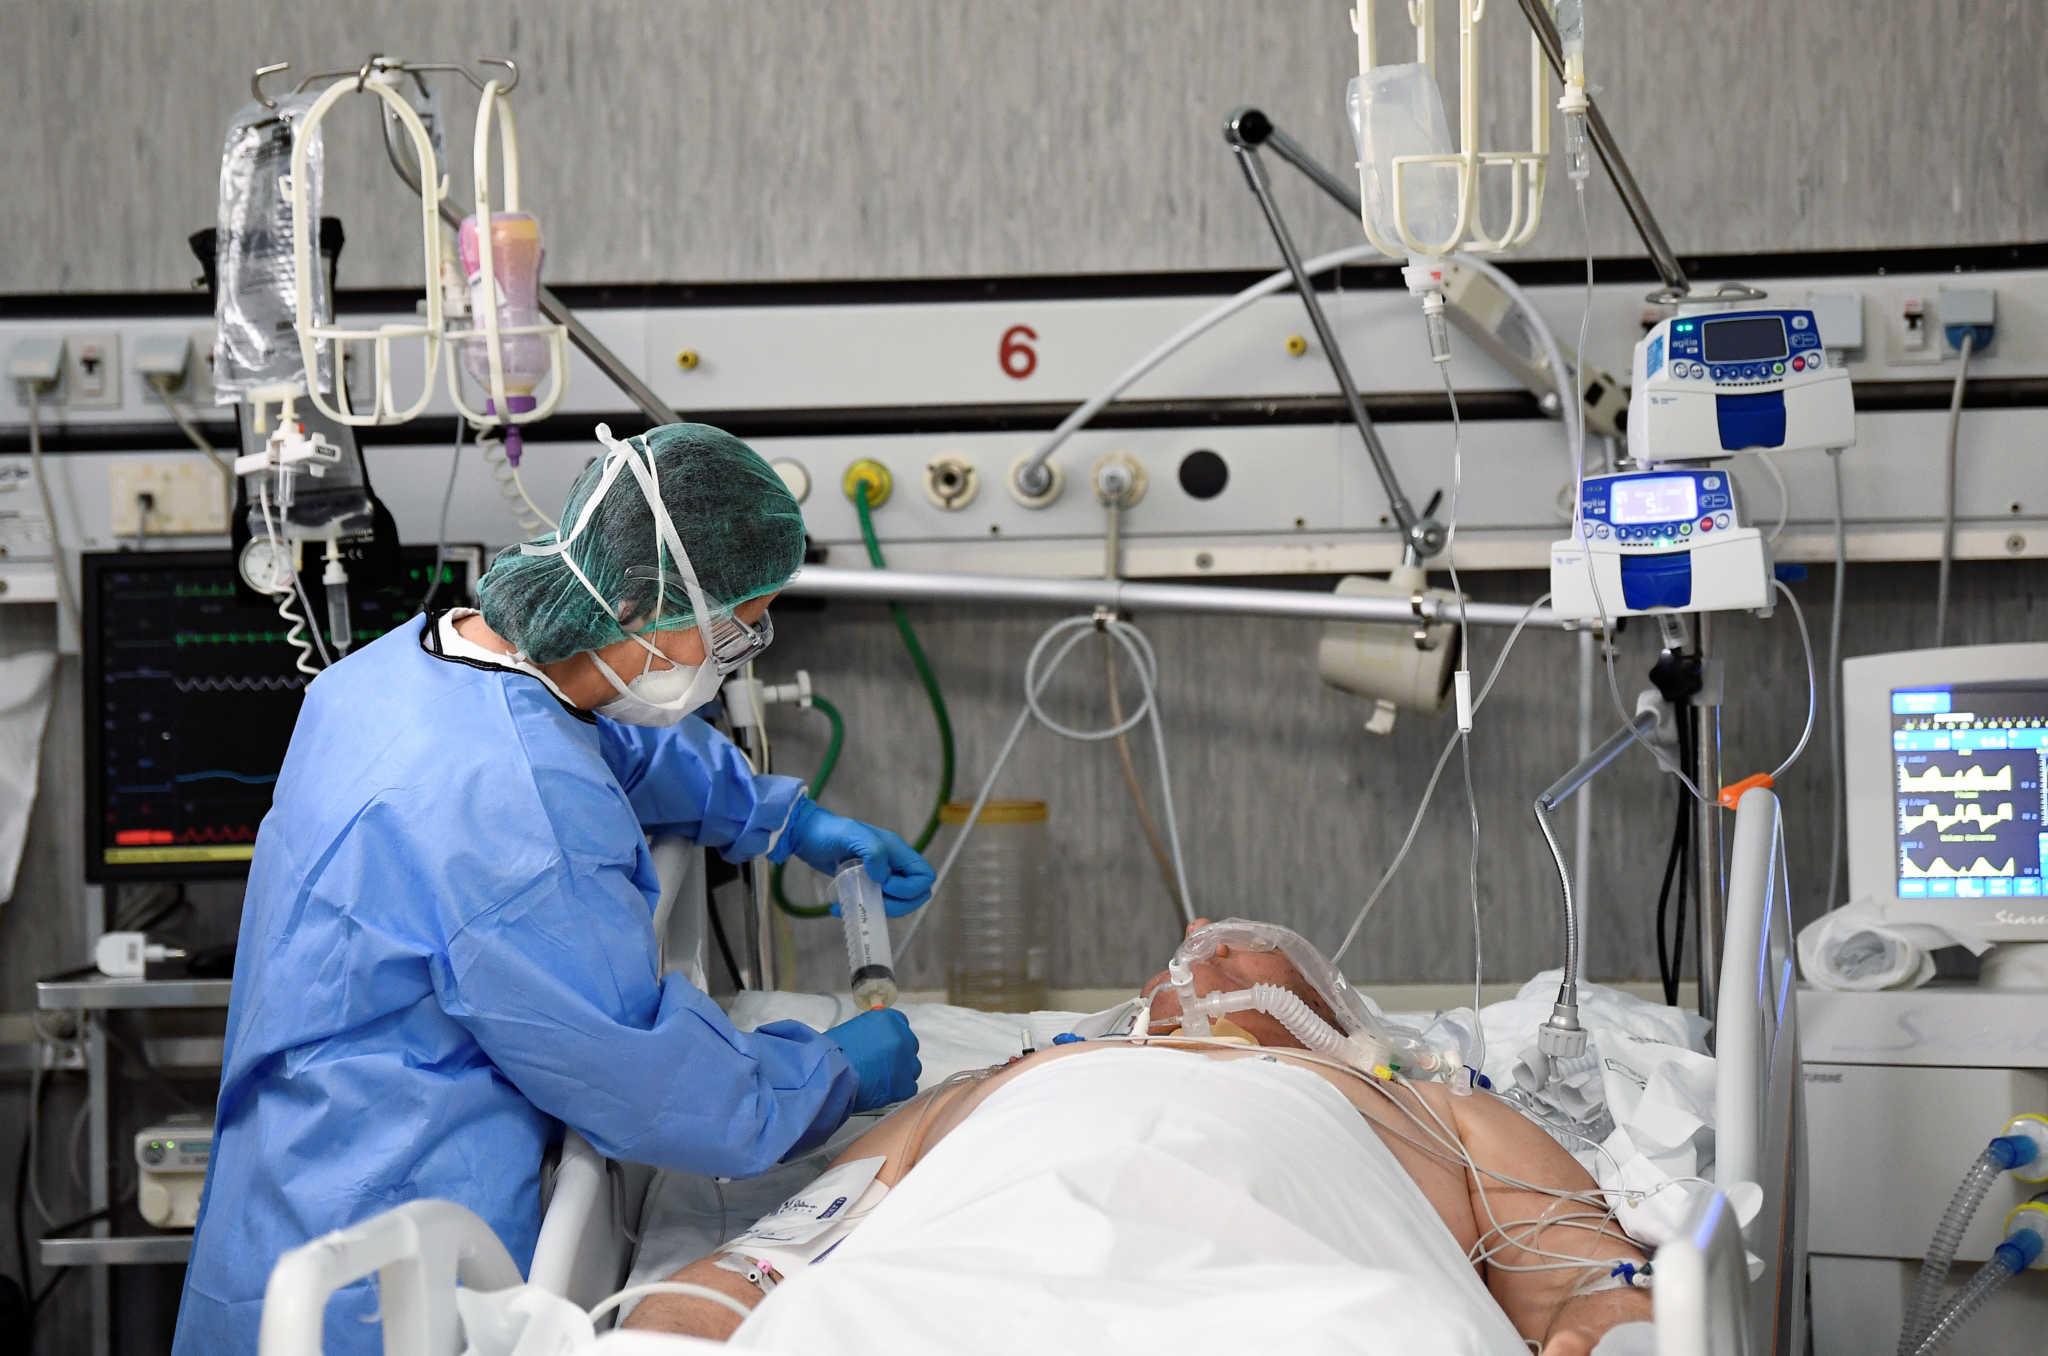 Κορωνοϊός: 7ος νεκρός από τον ιό στην Ελλάδα